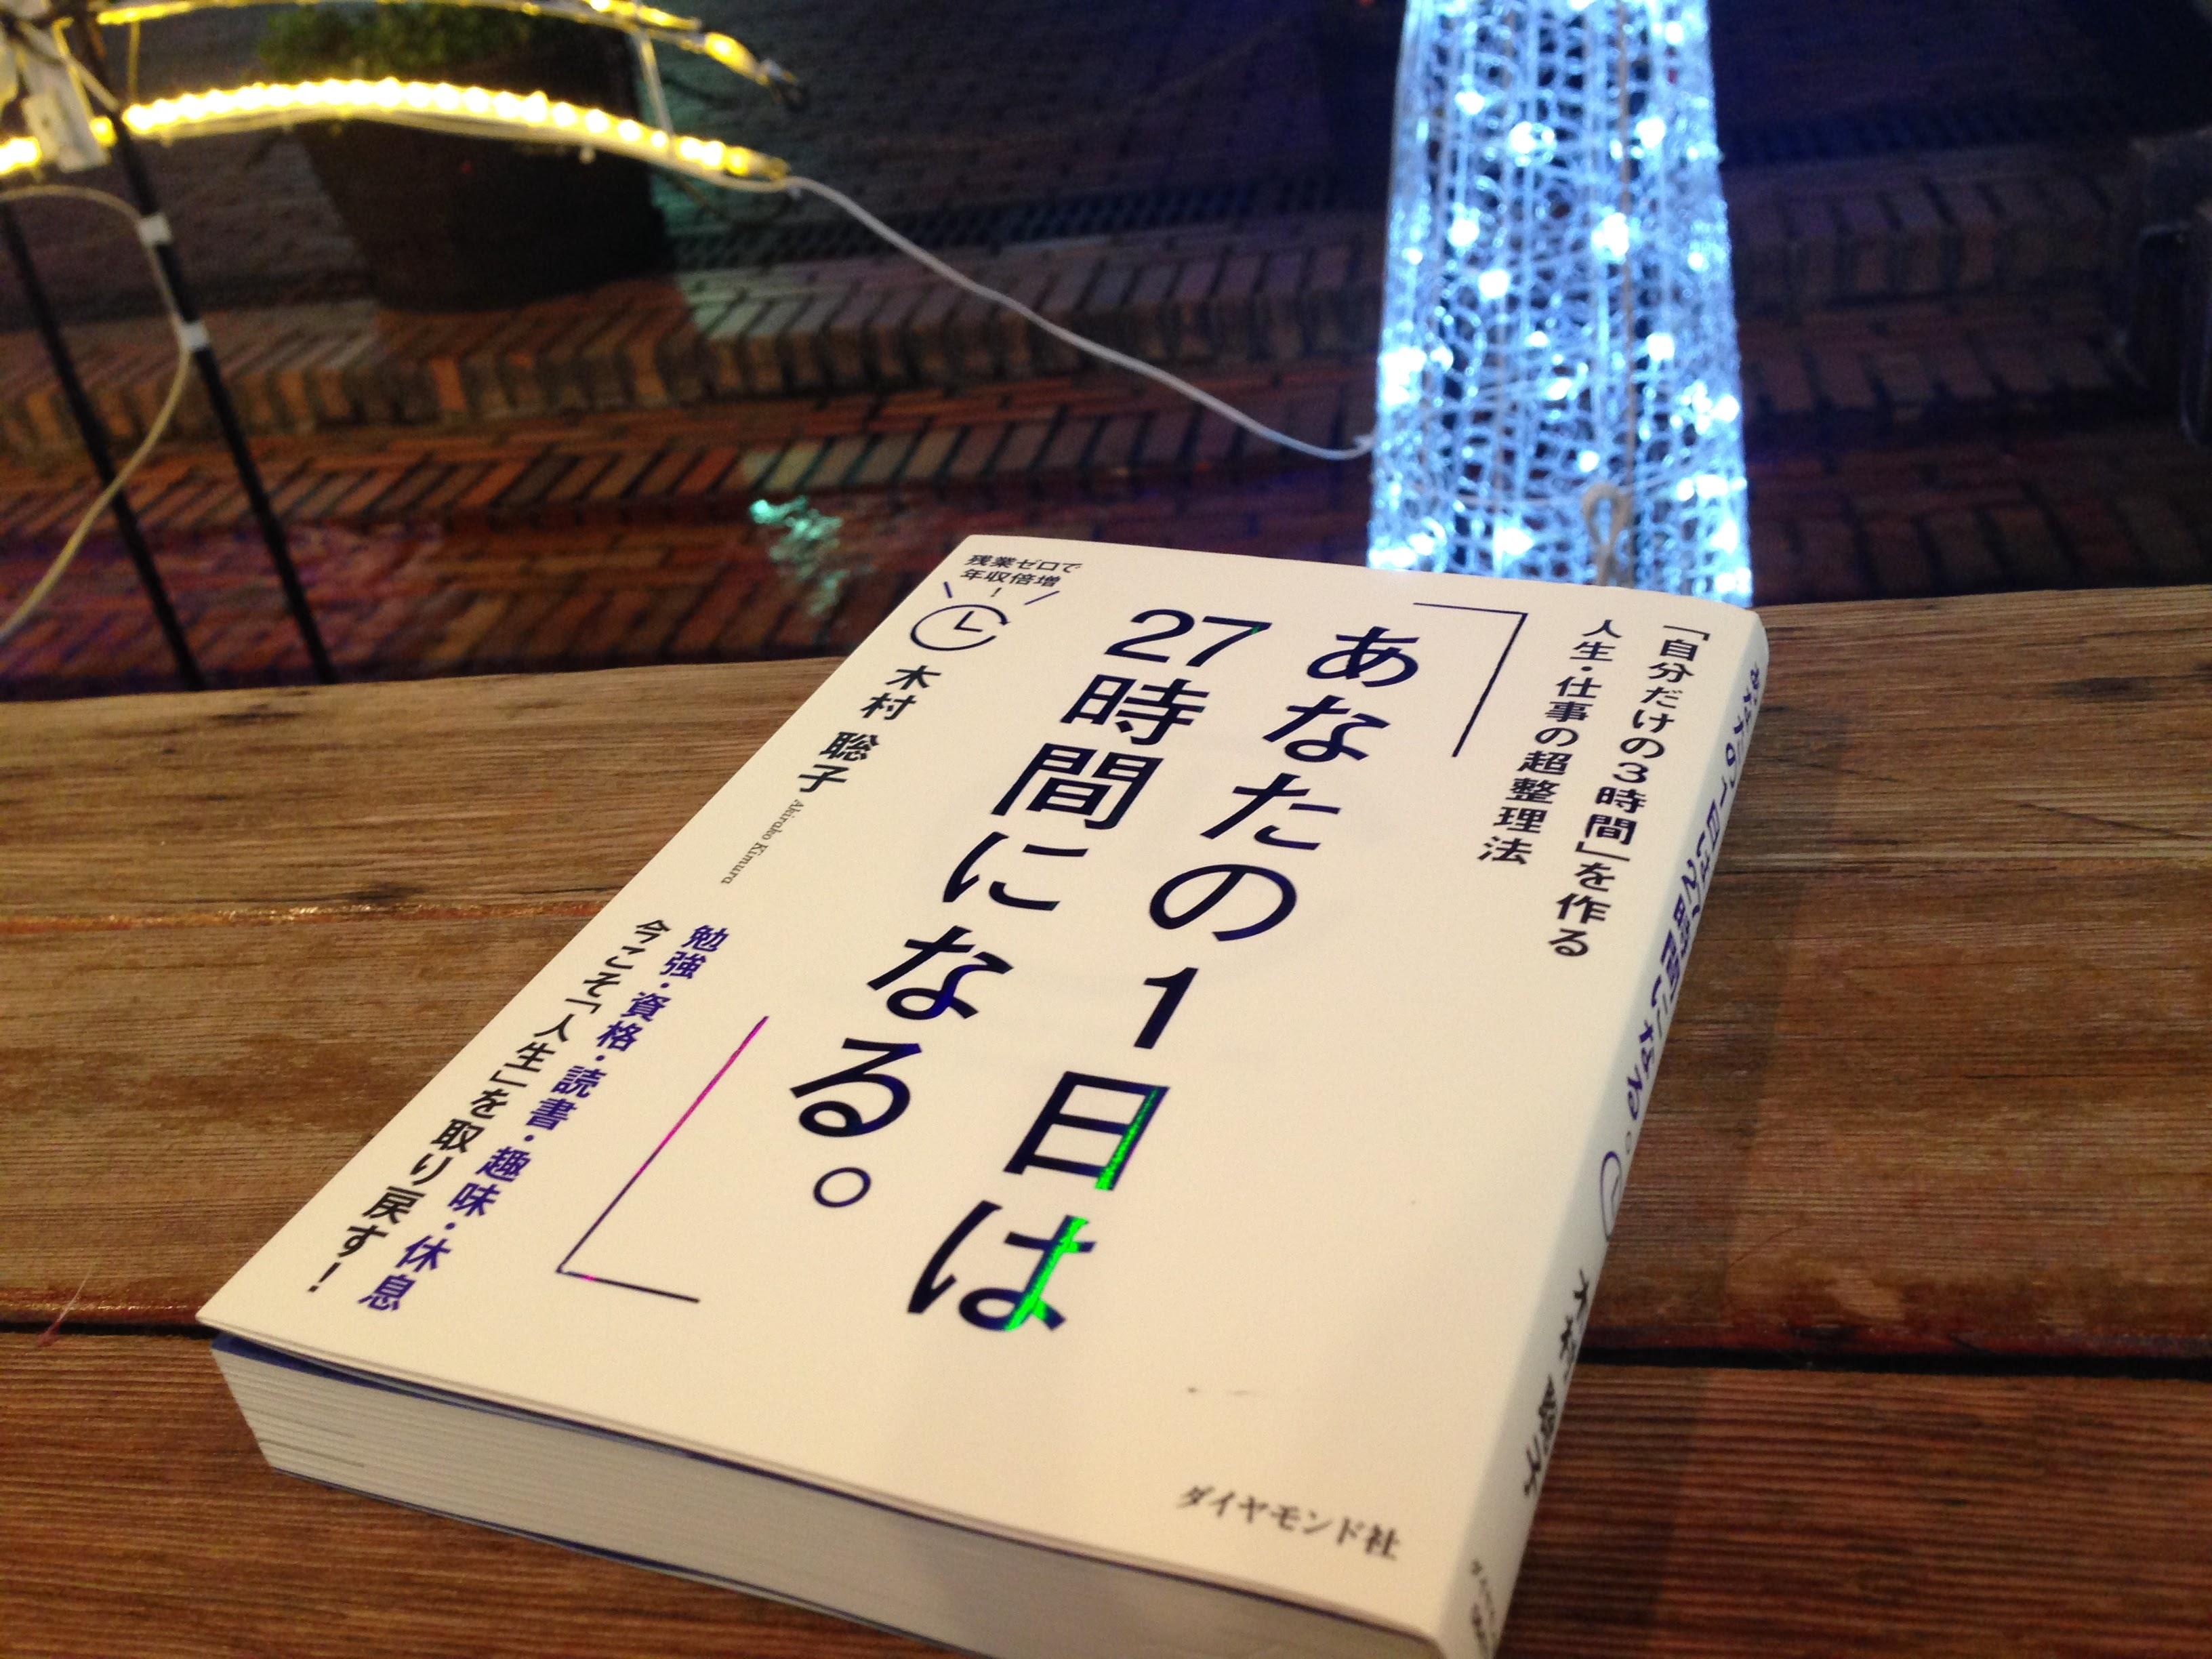 上司や管理職こそ読むべき本!『あなたの1日は27時間になる。』